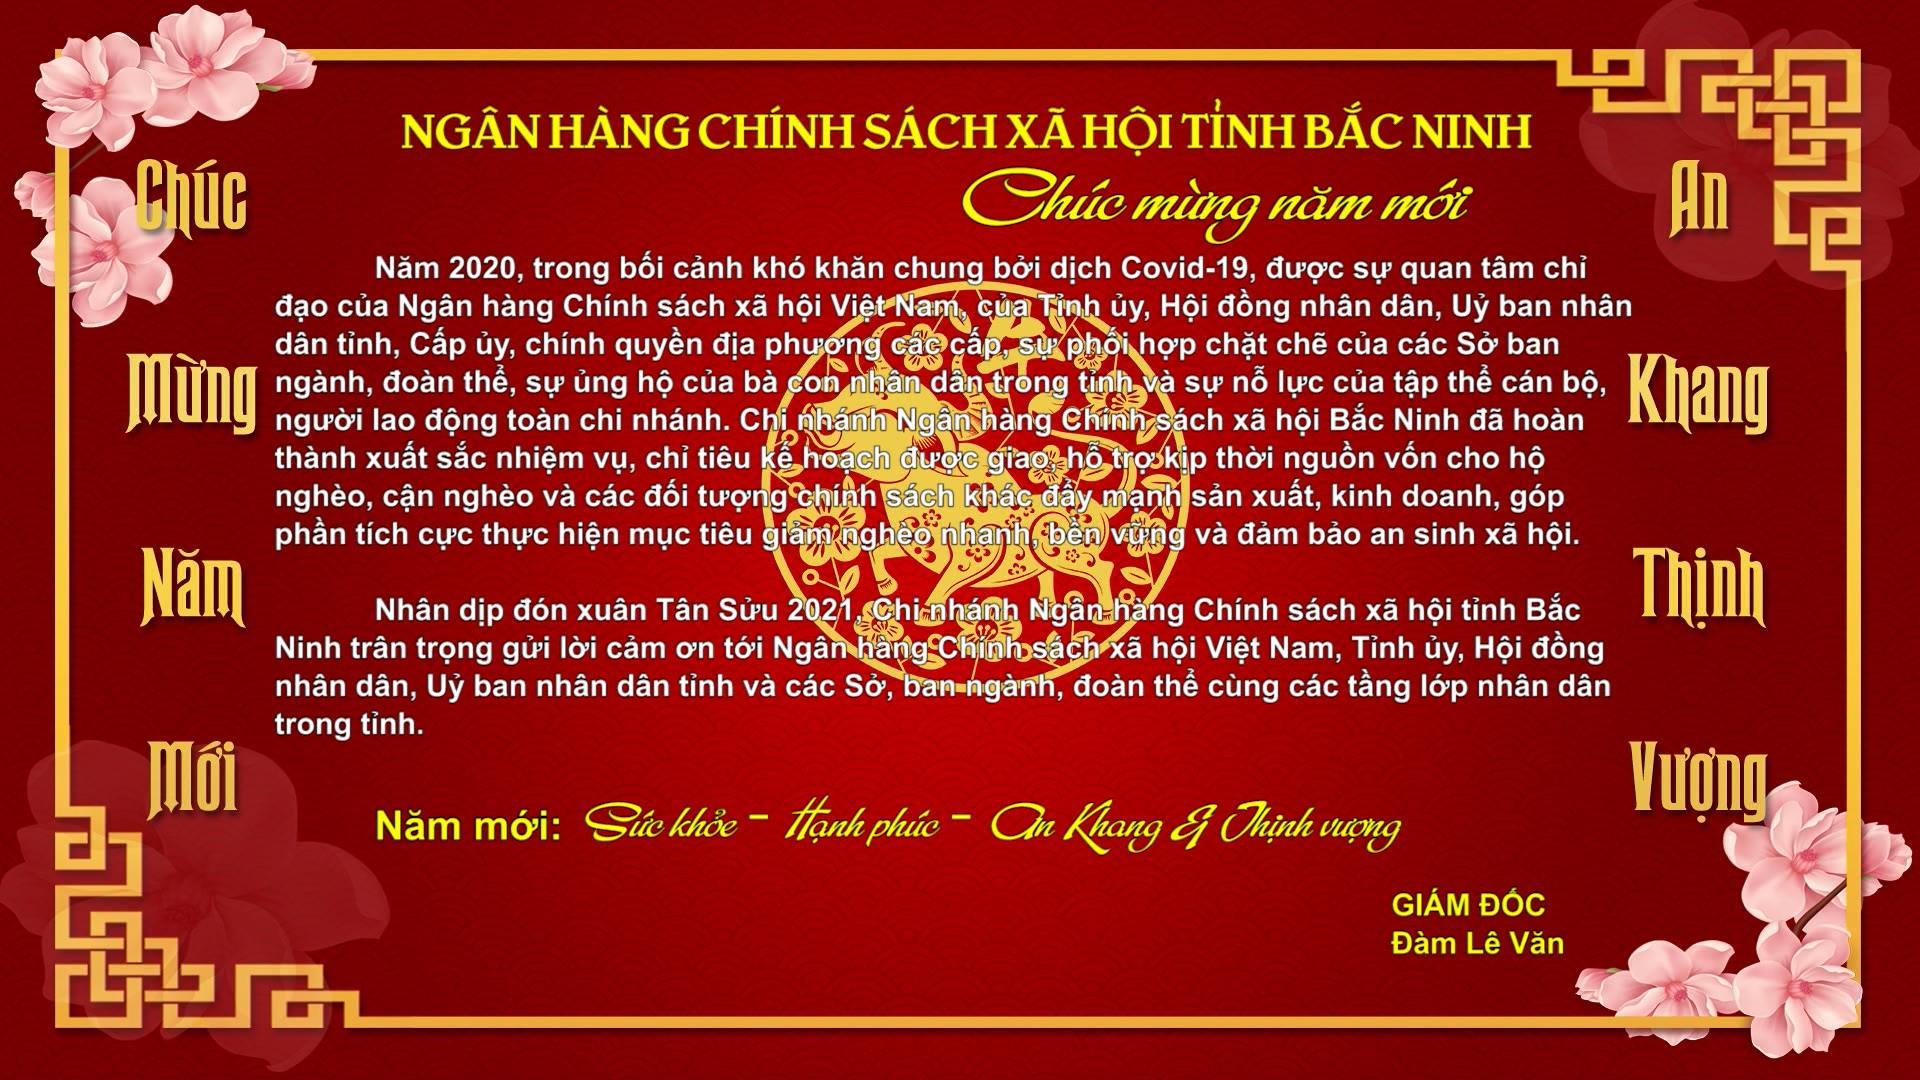 Ngân hàng Chính sách xã hội tỉnh Bắc Ninh